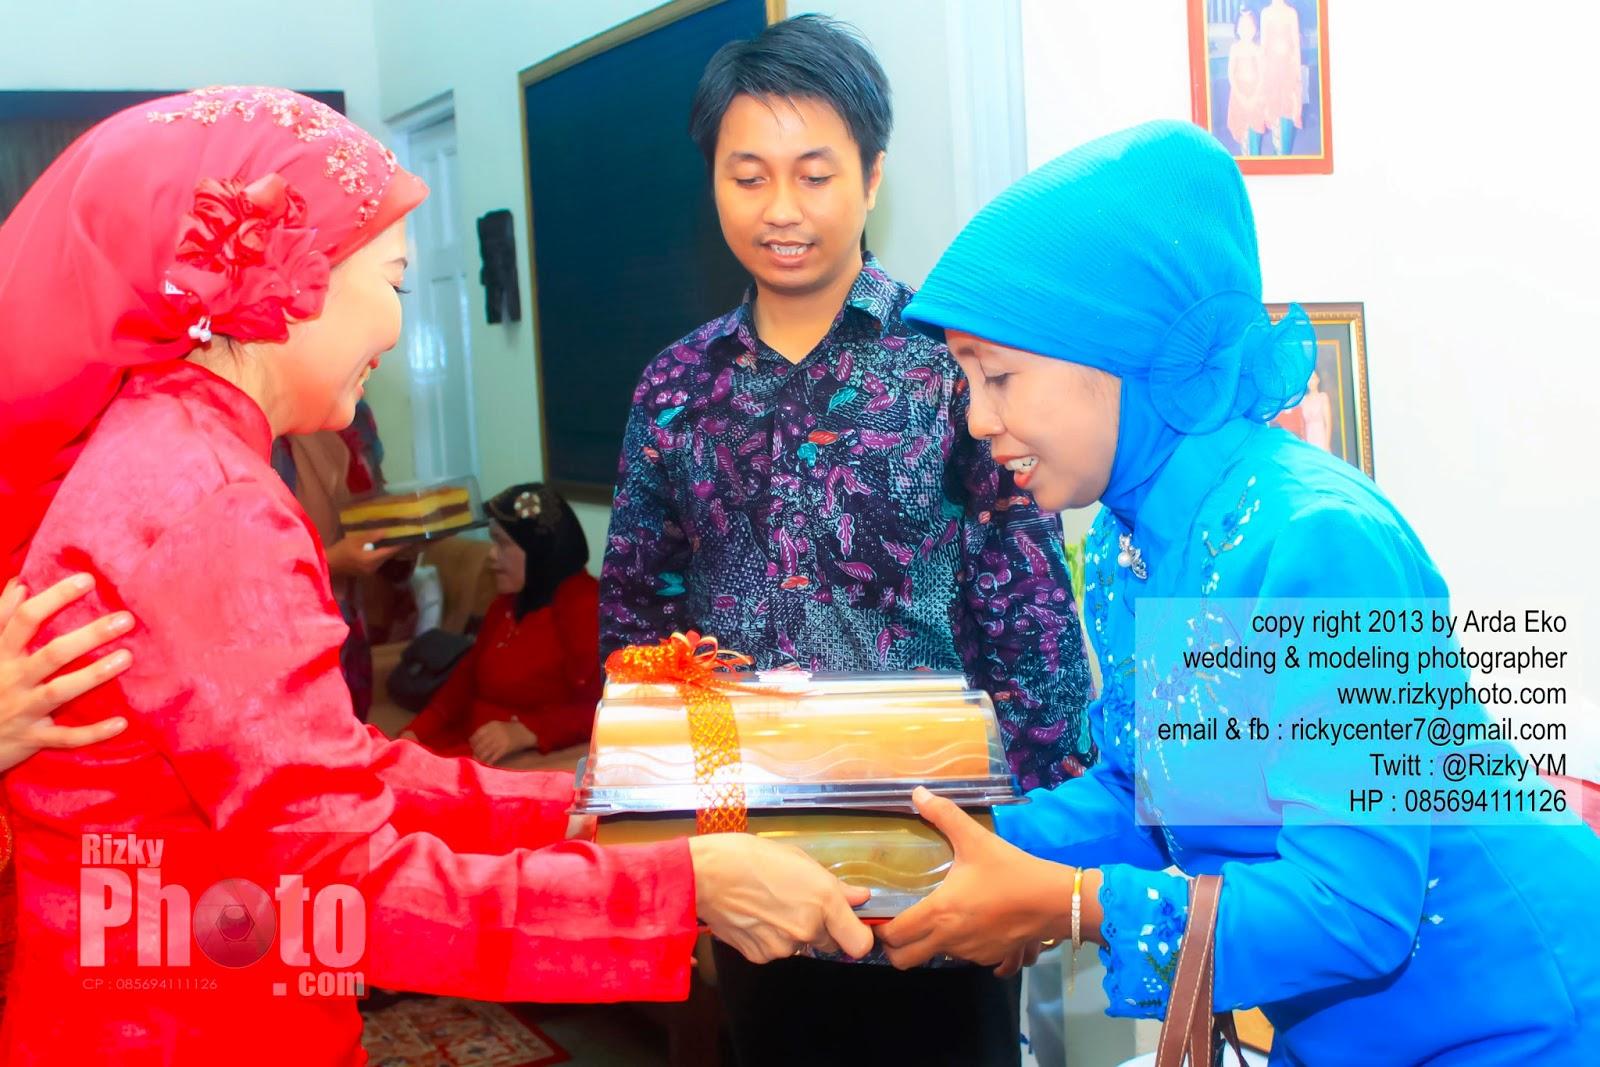 Lihat Fotografer Surabaya Prewedding Dokumentasi Wedding: Rizky Yuniar Mauludi - Wedding Photographer